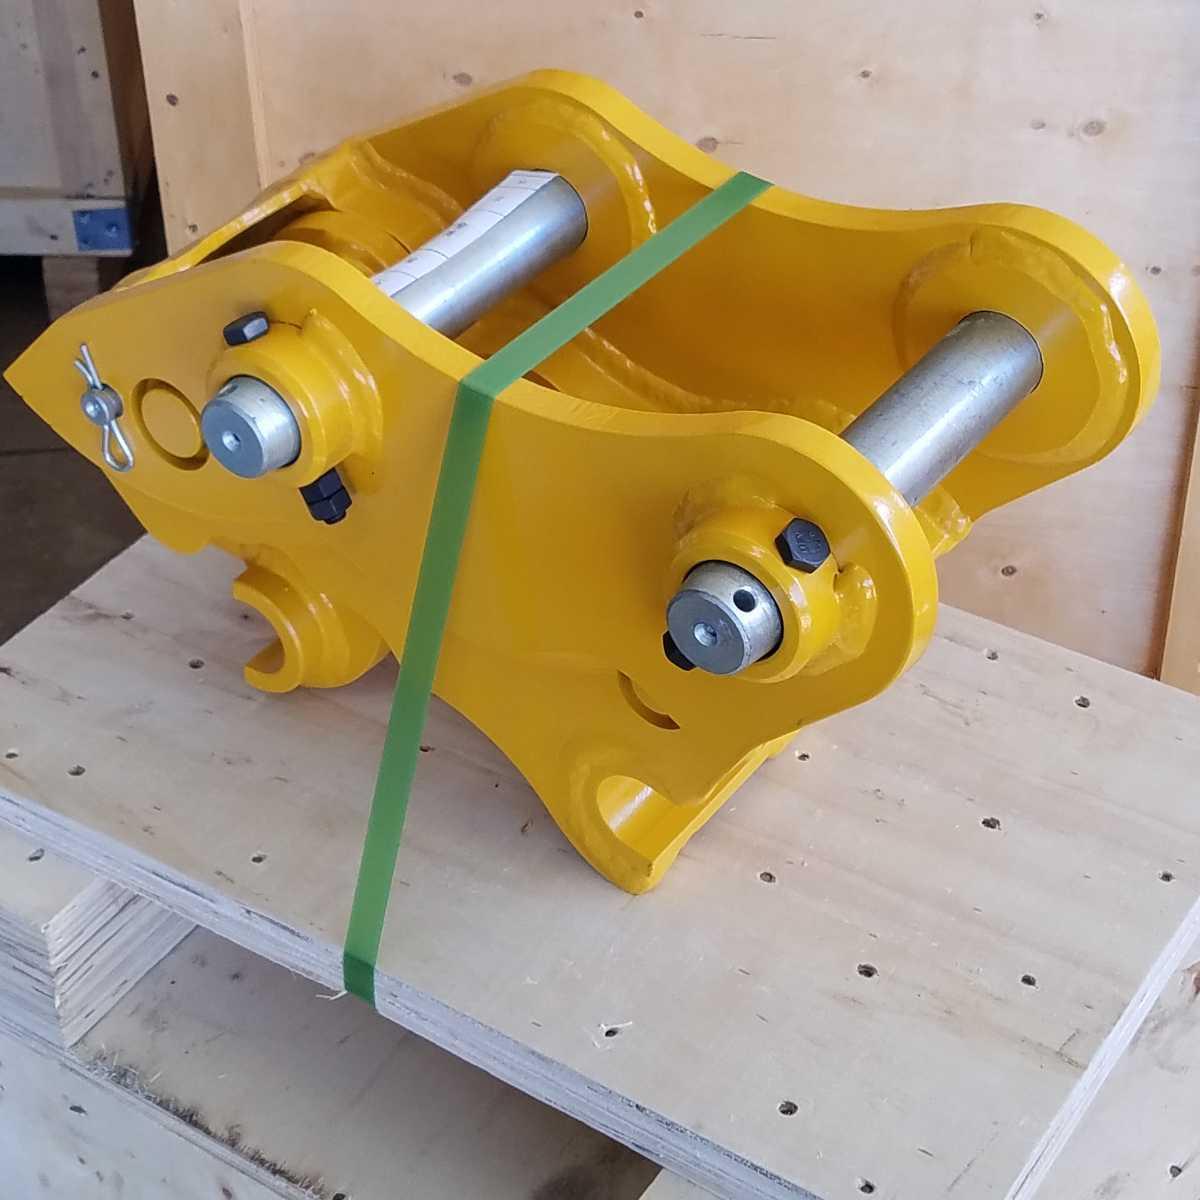 「★クイックヒッチ★ クボタ ピン径40mm 幅134mm ピン~ピン172mm、重量35kg、3トンクラス オートエース建機。Aロック/工具付き」の画像3